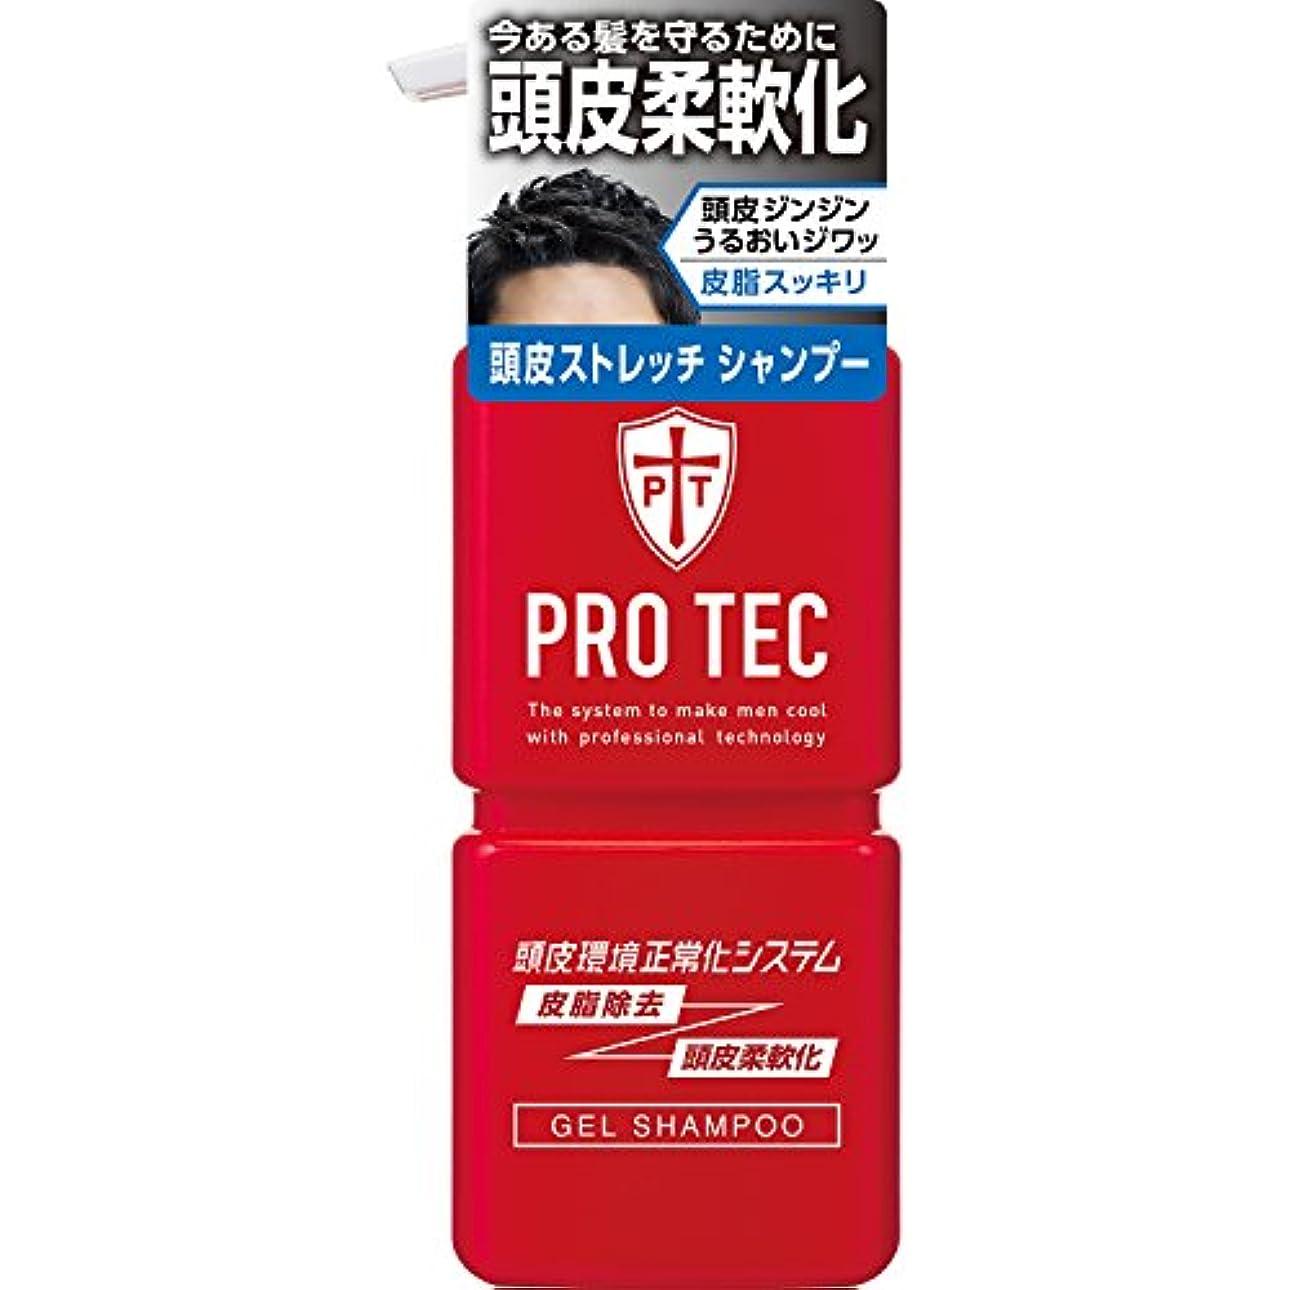 オーバーランサンダル望むPRO TEC(プロテク) 頭皮ストレッチ シャンプー 本体ポンプ 300g(医薬部外品)